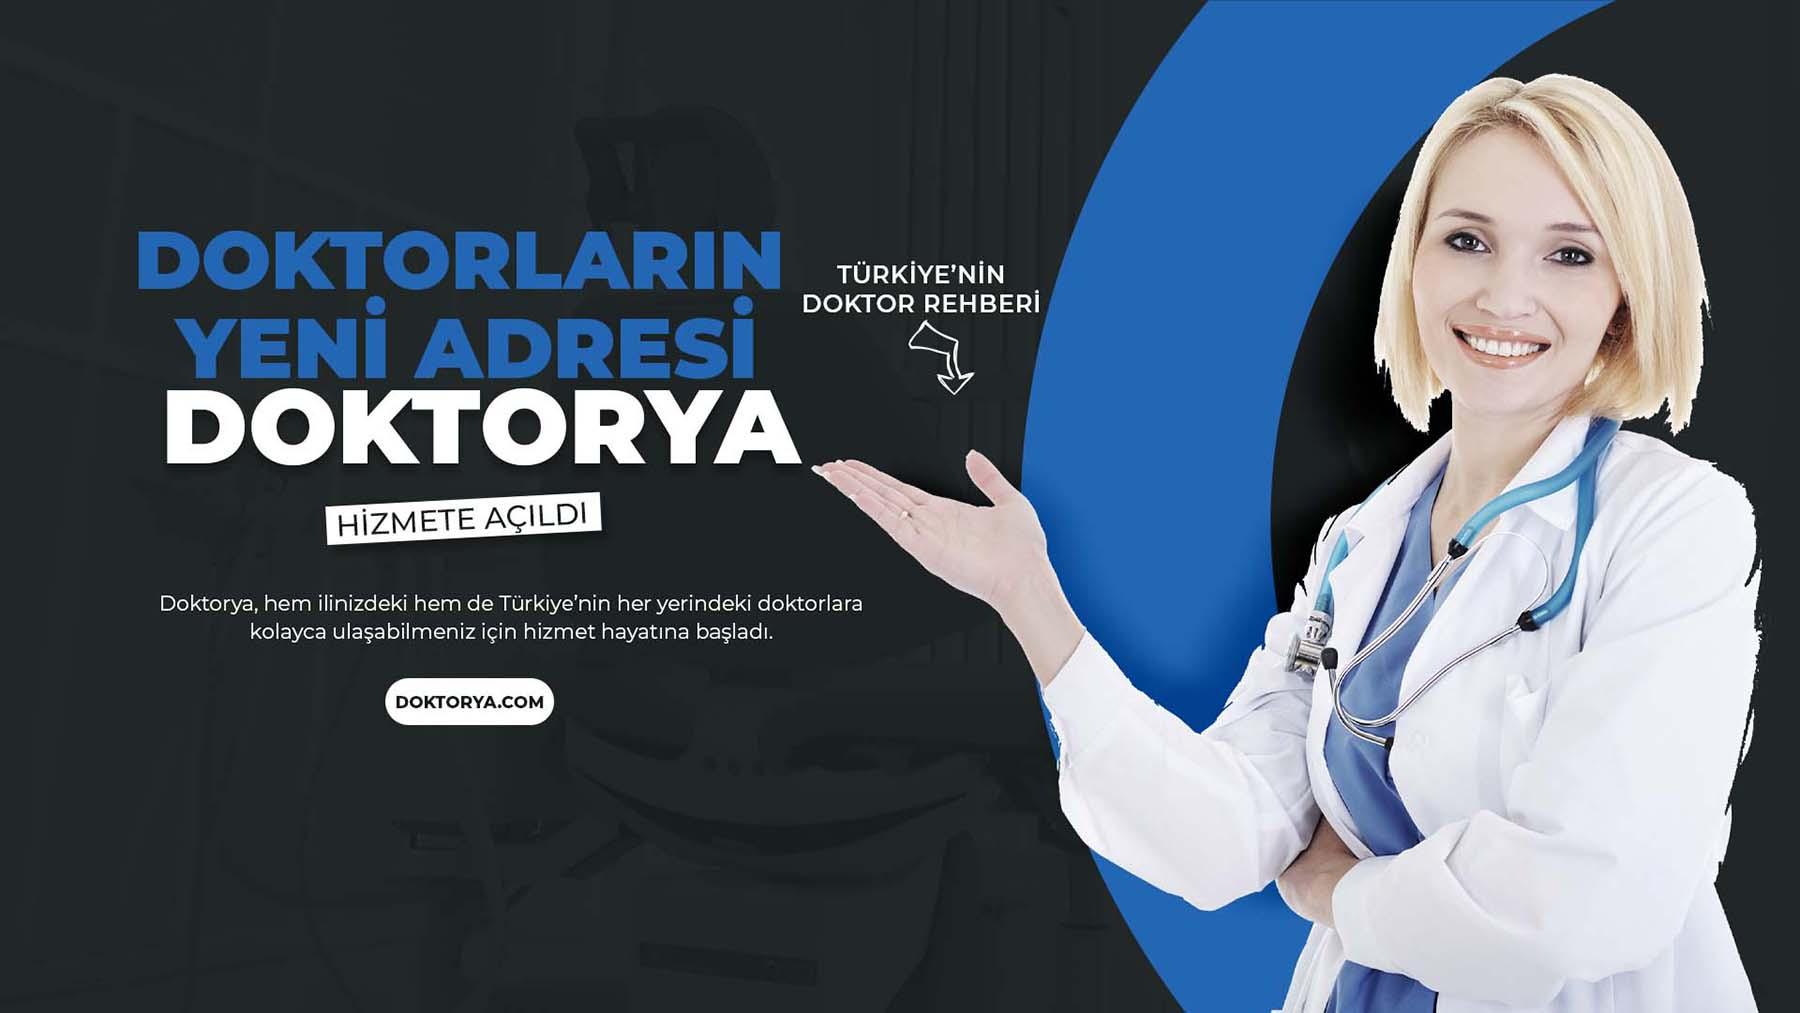 Doktorların Yeni Adresi Doktorya Hizmete Açıldı » Aktüel